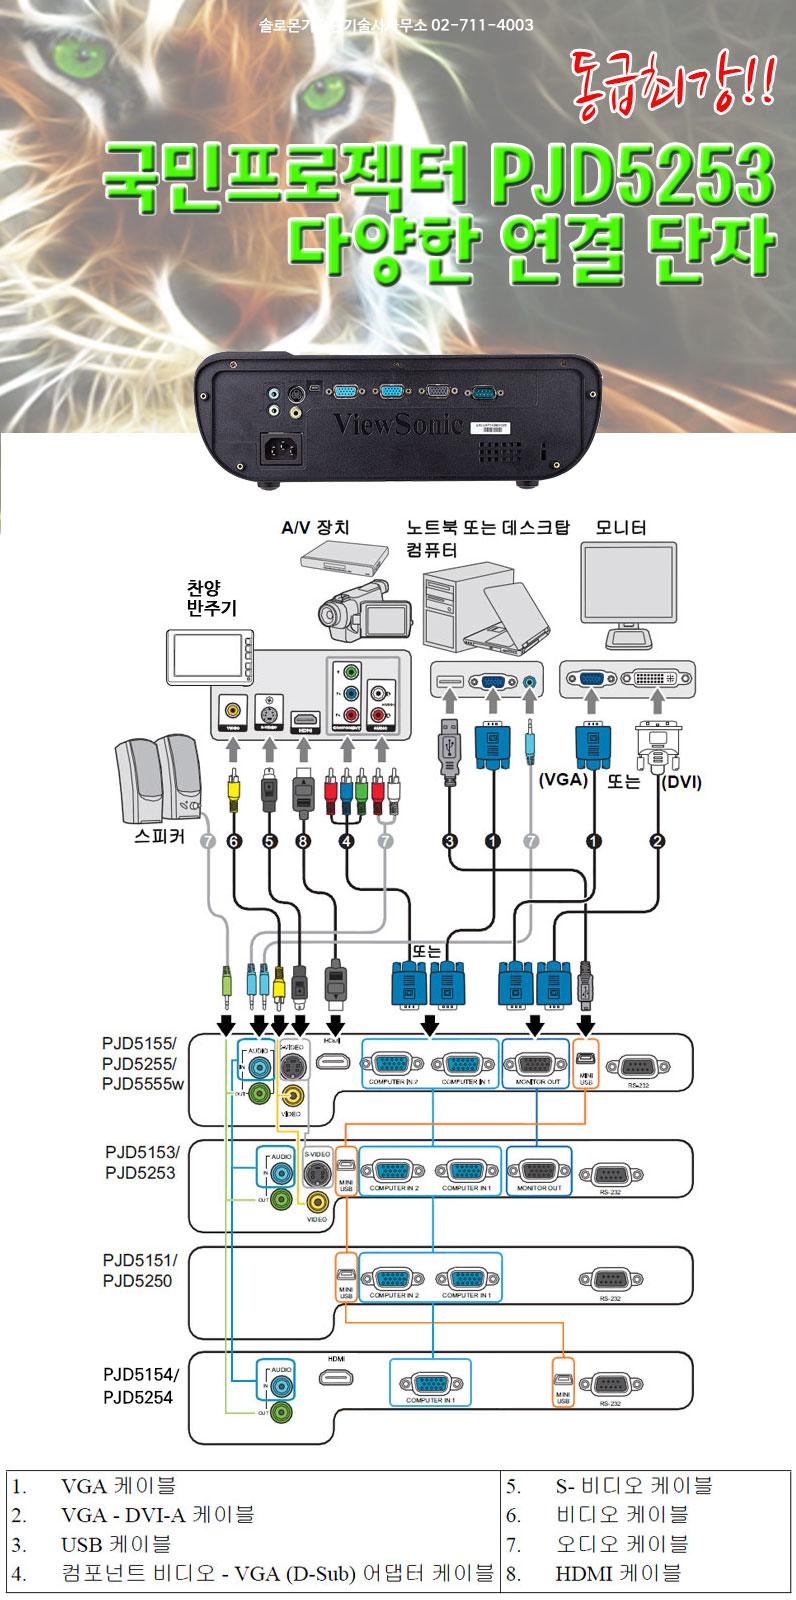 뷰소닉 pjd5253 연결단자